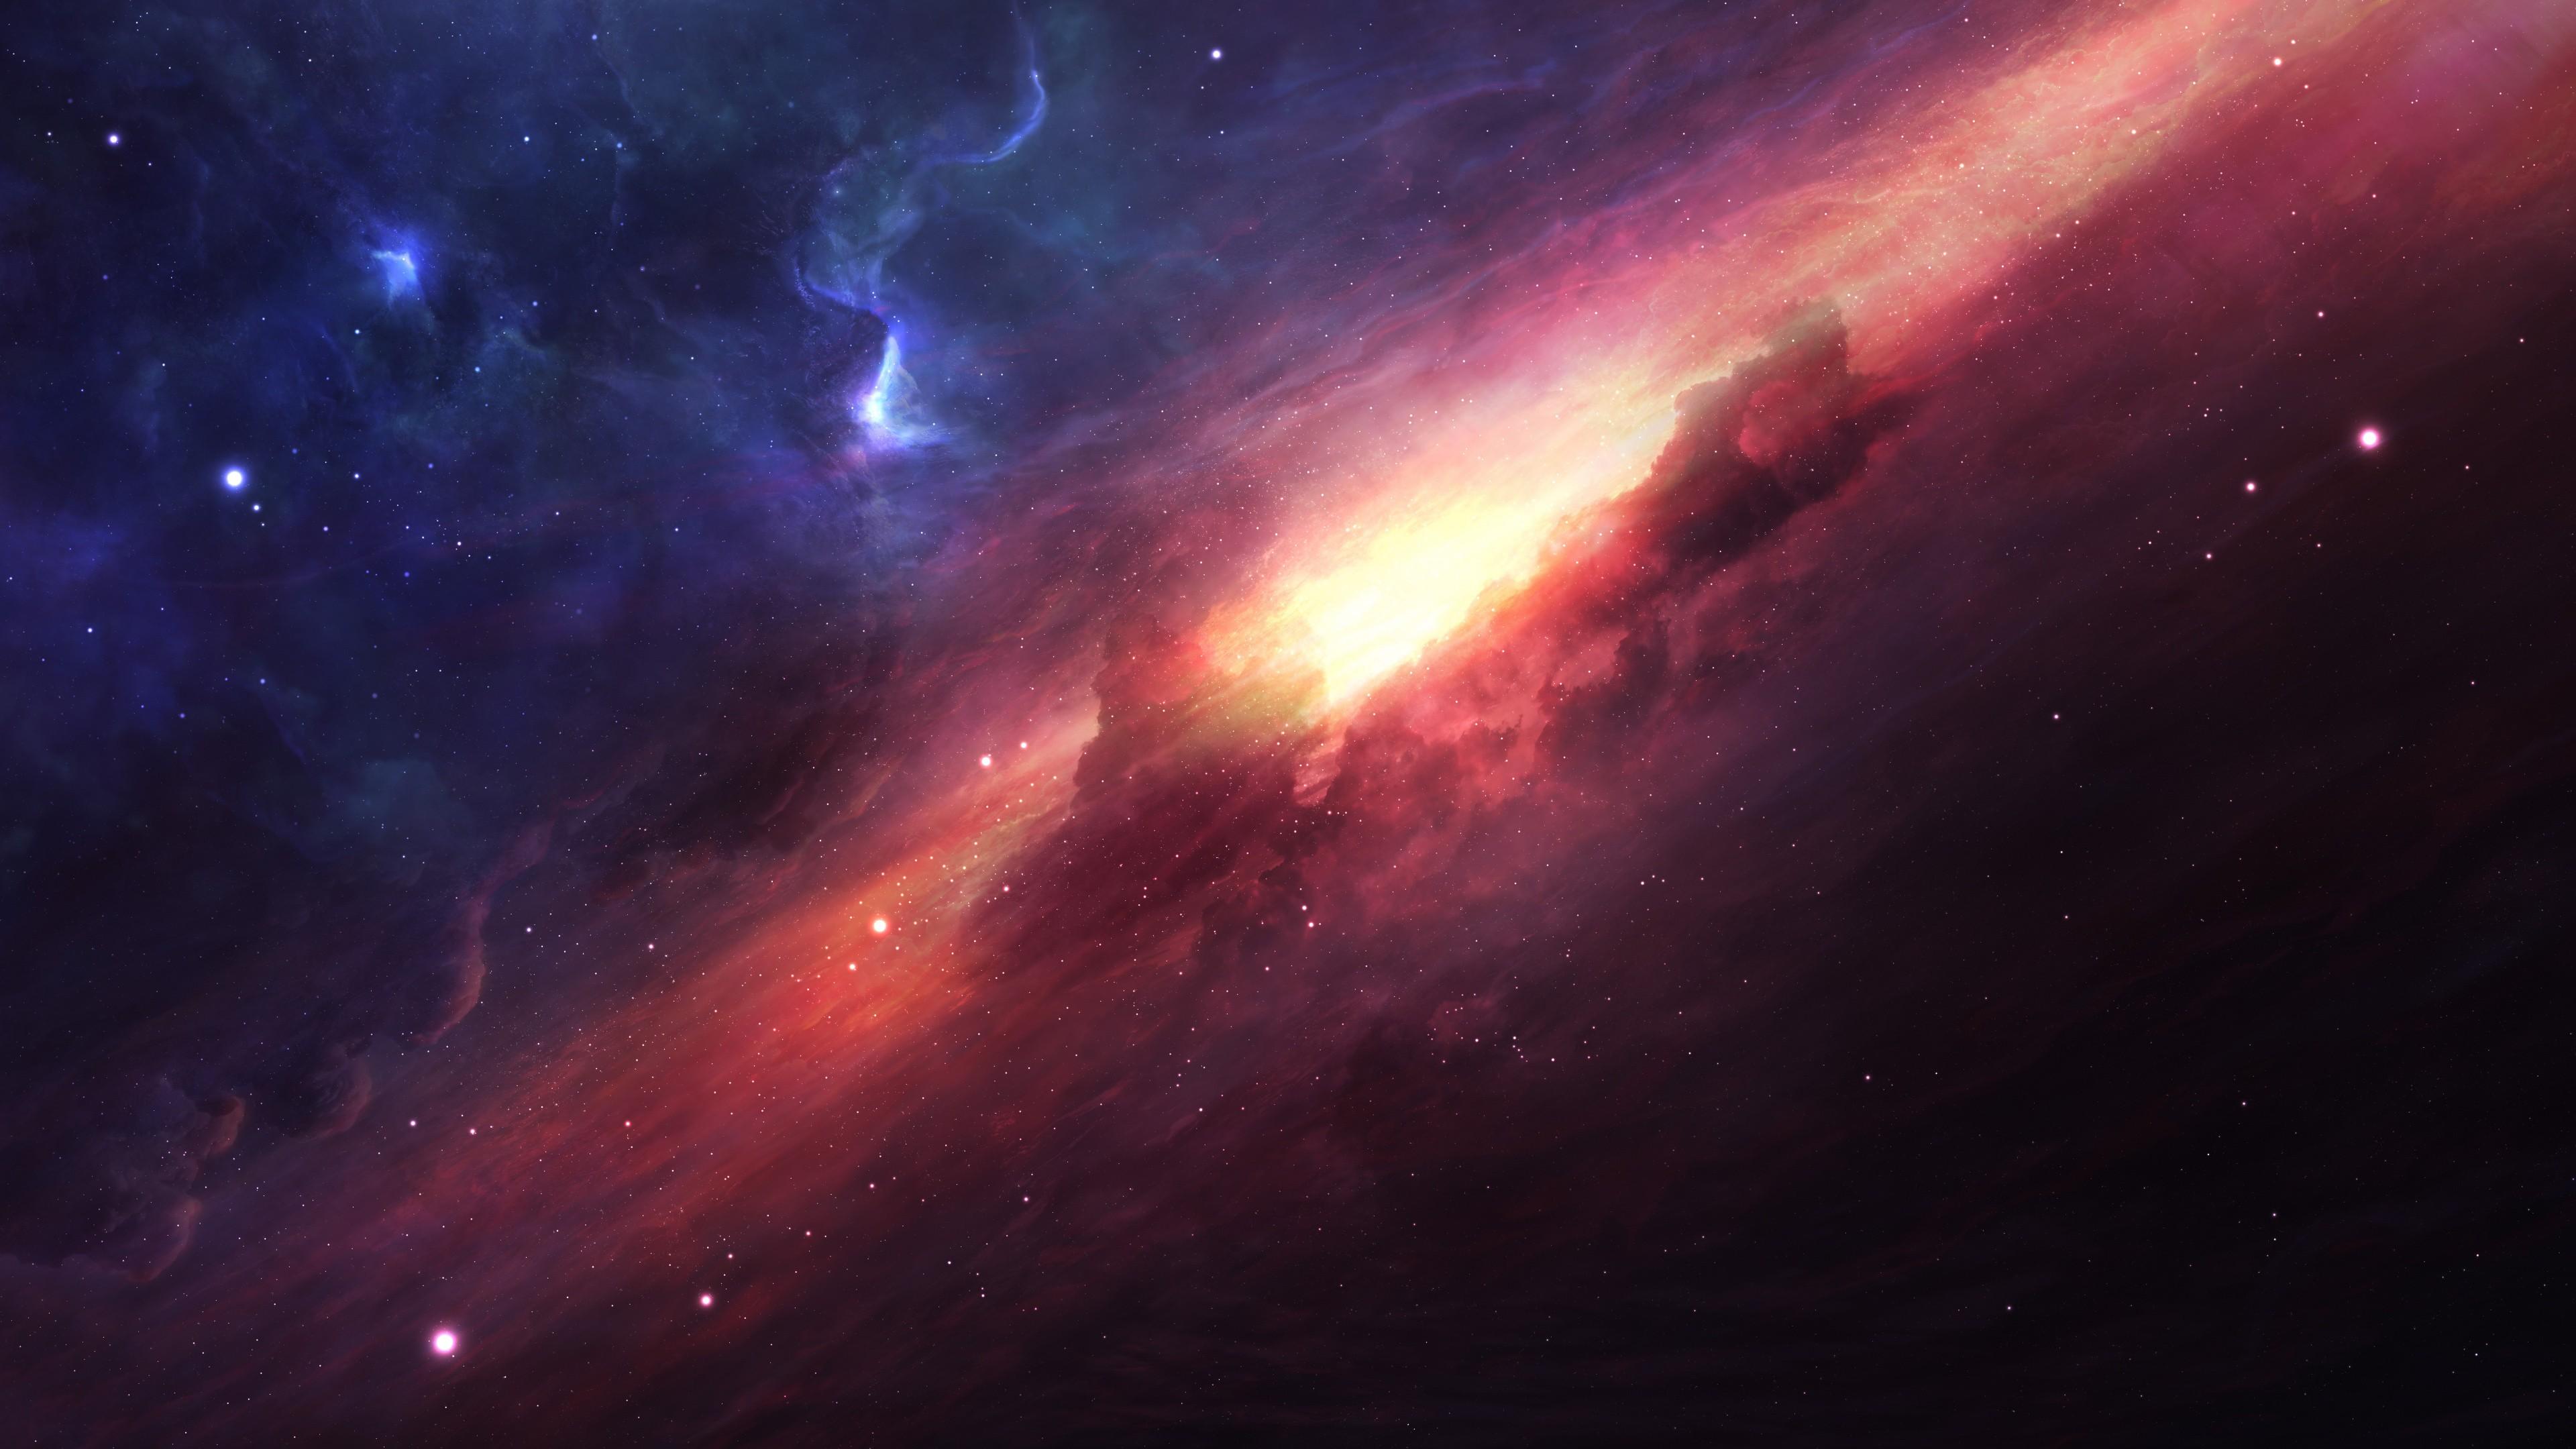 space art 4k 1546278886 - Space Art 4k - space wallpapers, hd-wallpapers, digital universe wallpapers, artwork wallpapers, artist wallpapers, 4k-wallpapers